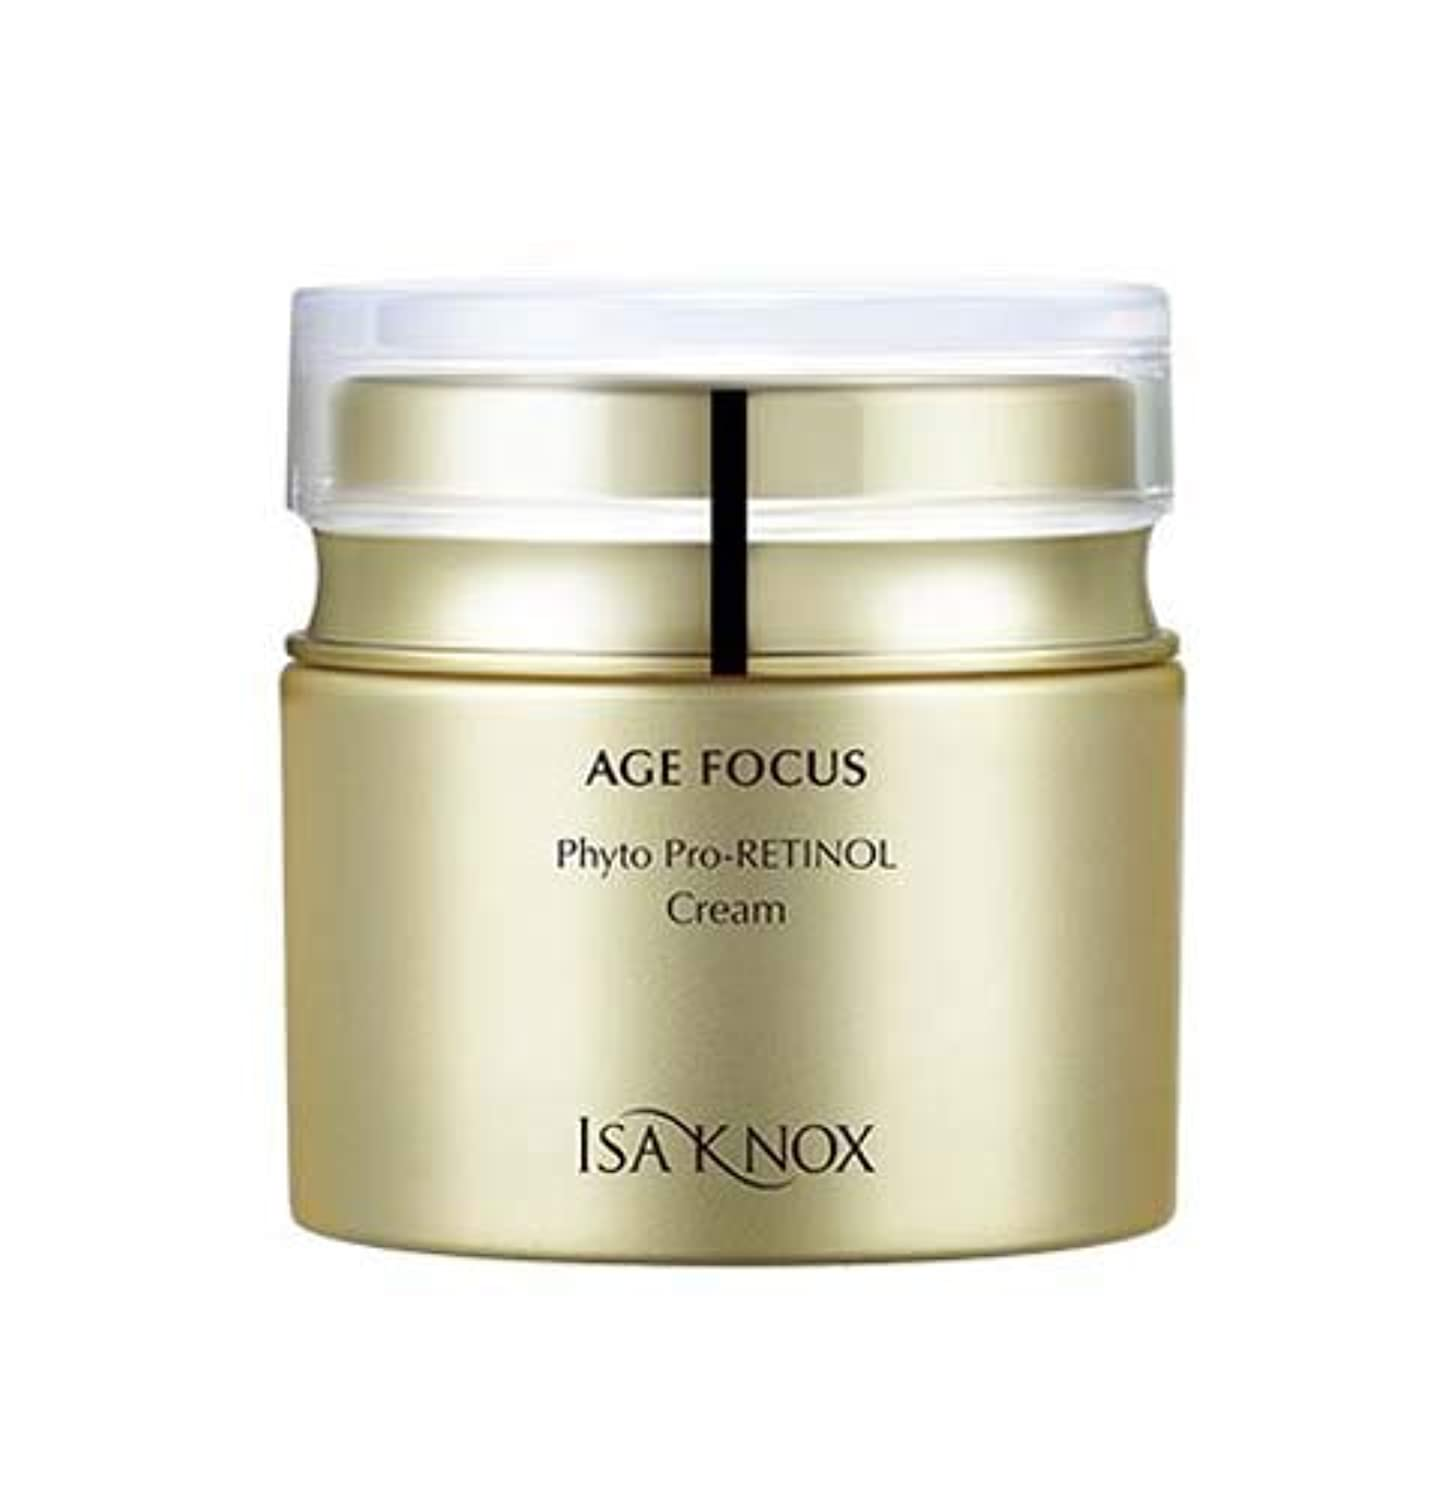 批判的外出作曲する[イザノックス] ISA KNOX [エイジフォーカス フィト プロレチノール クリーム 50ml] AGE FOCUS Pro-Retinol Cream 50ml [海外直送品]